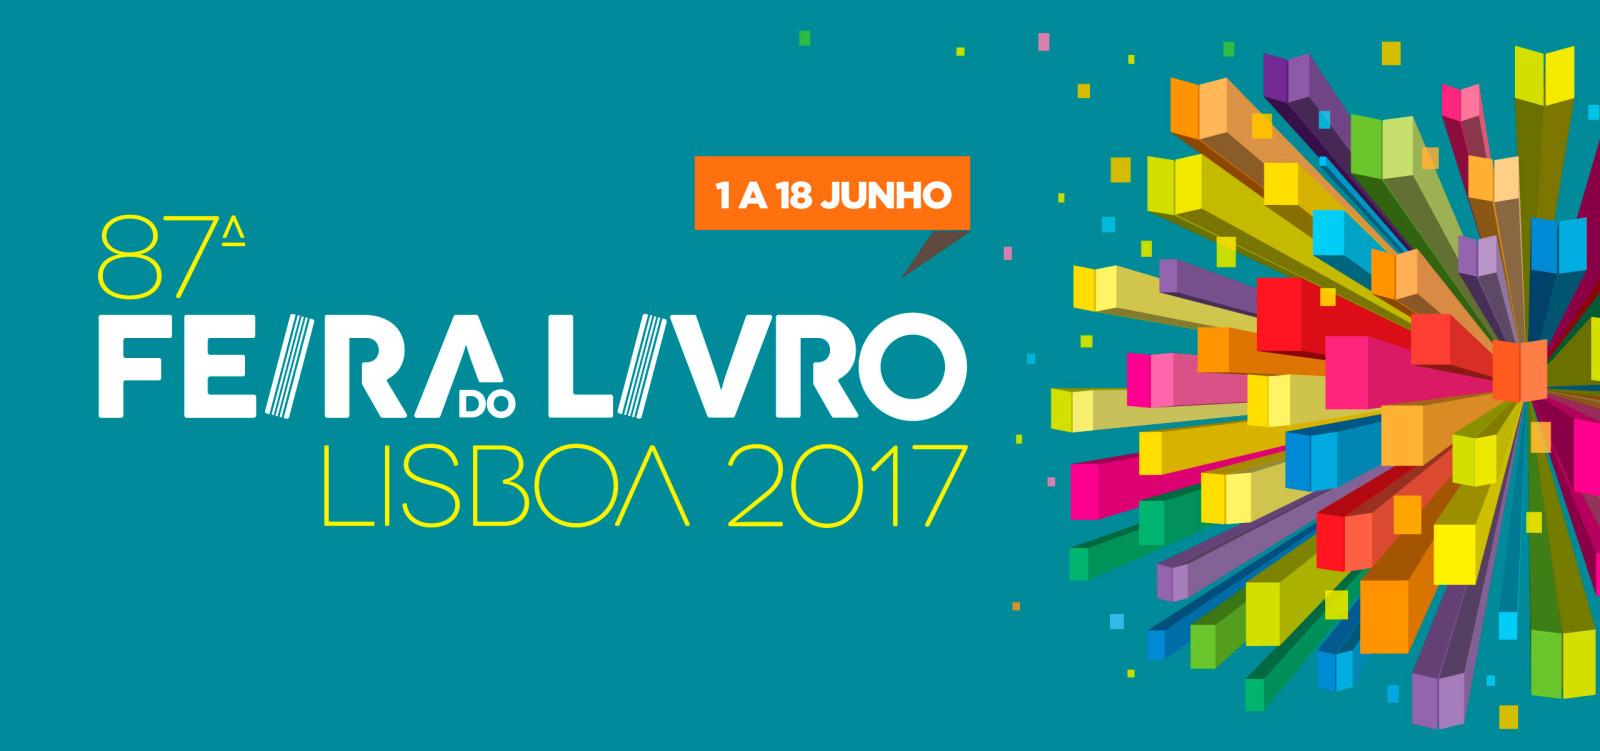 87ª Feira do Livro Lisboa 2017